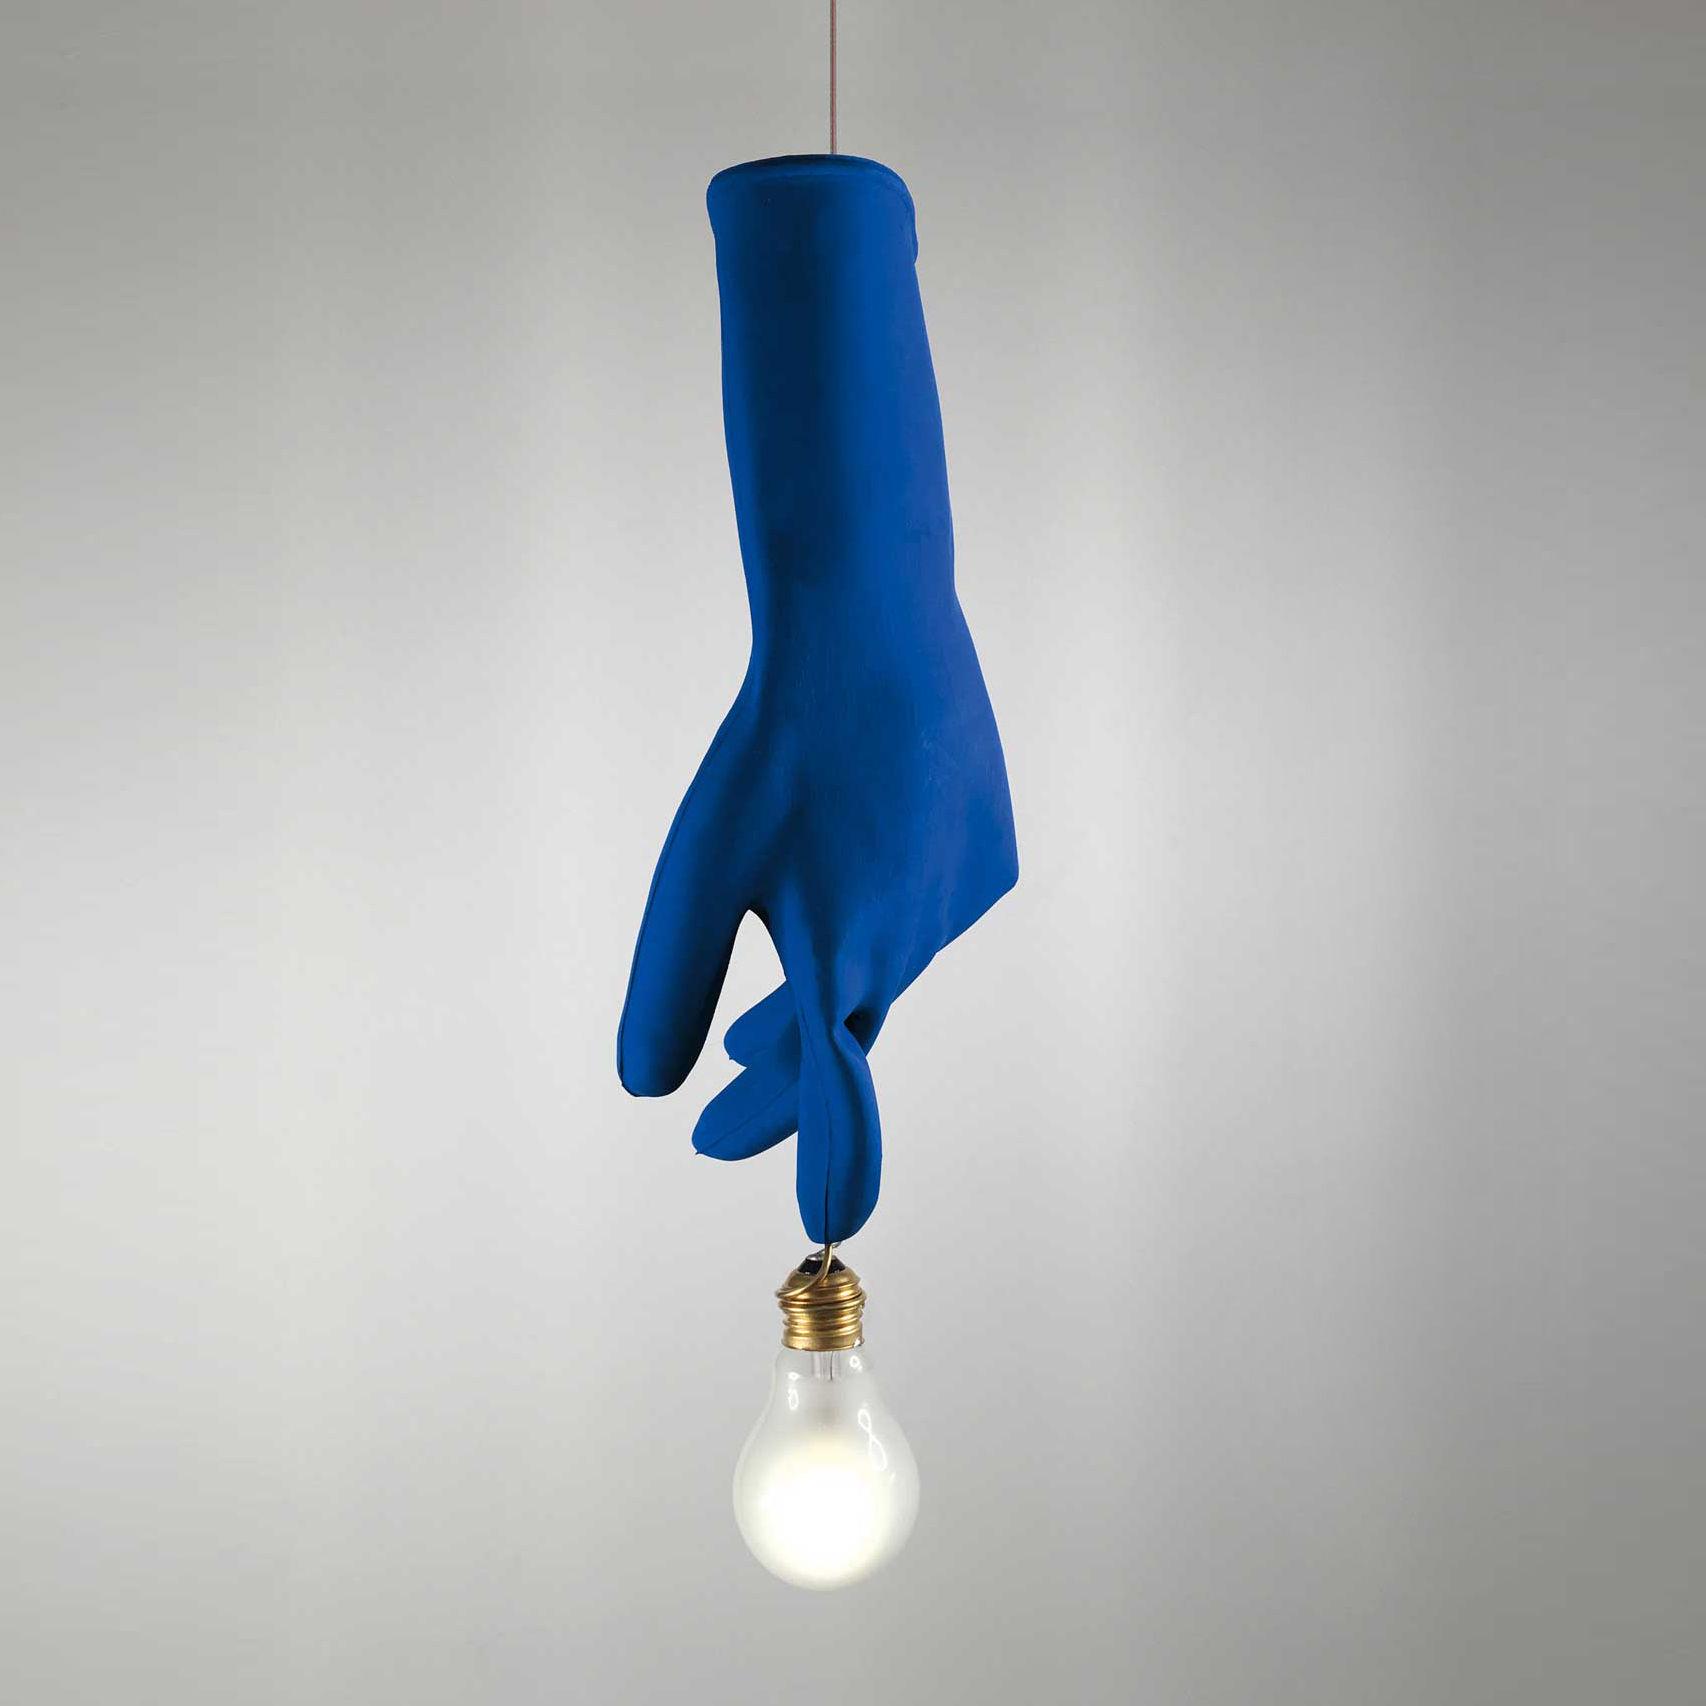 Illuminazione - Lampadari - Sospensione Luzy Blue - / LED - 1 lampadina di Ingo Maurer - Blu - Acciaio, Ottone, Plastique haute résistance, Vetro